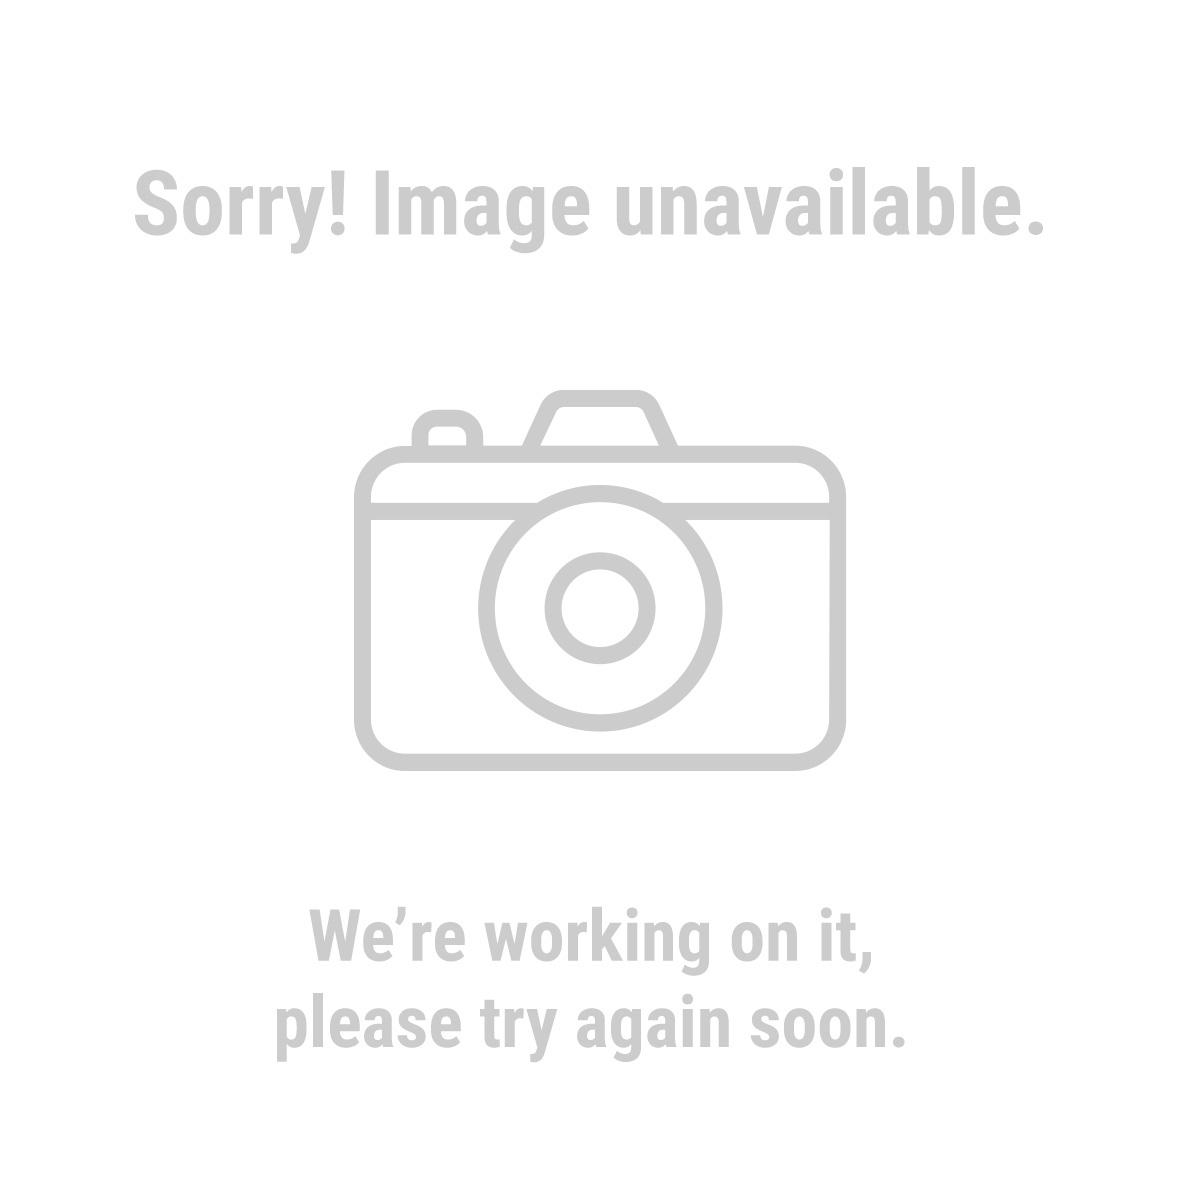 62188 240 Grit Sanding Sleeves 6 Pc